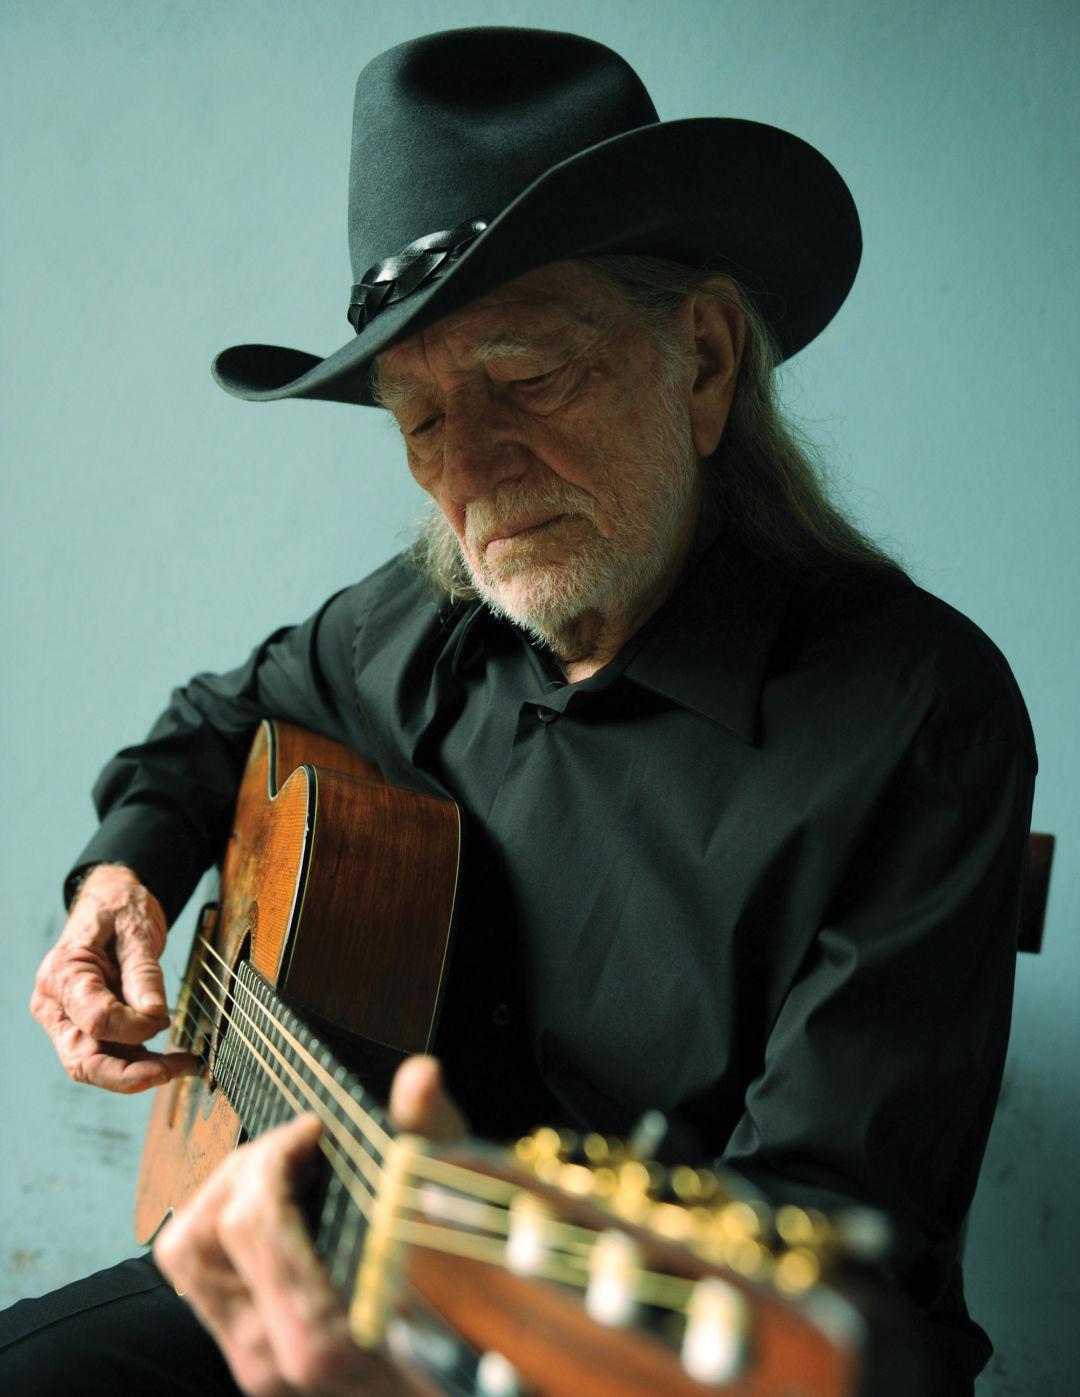 Willie nelson  2 by david mcclister 10.30.2012 shockink kczjgj